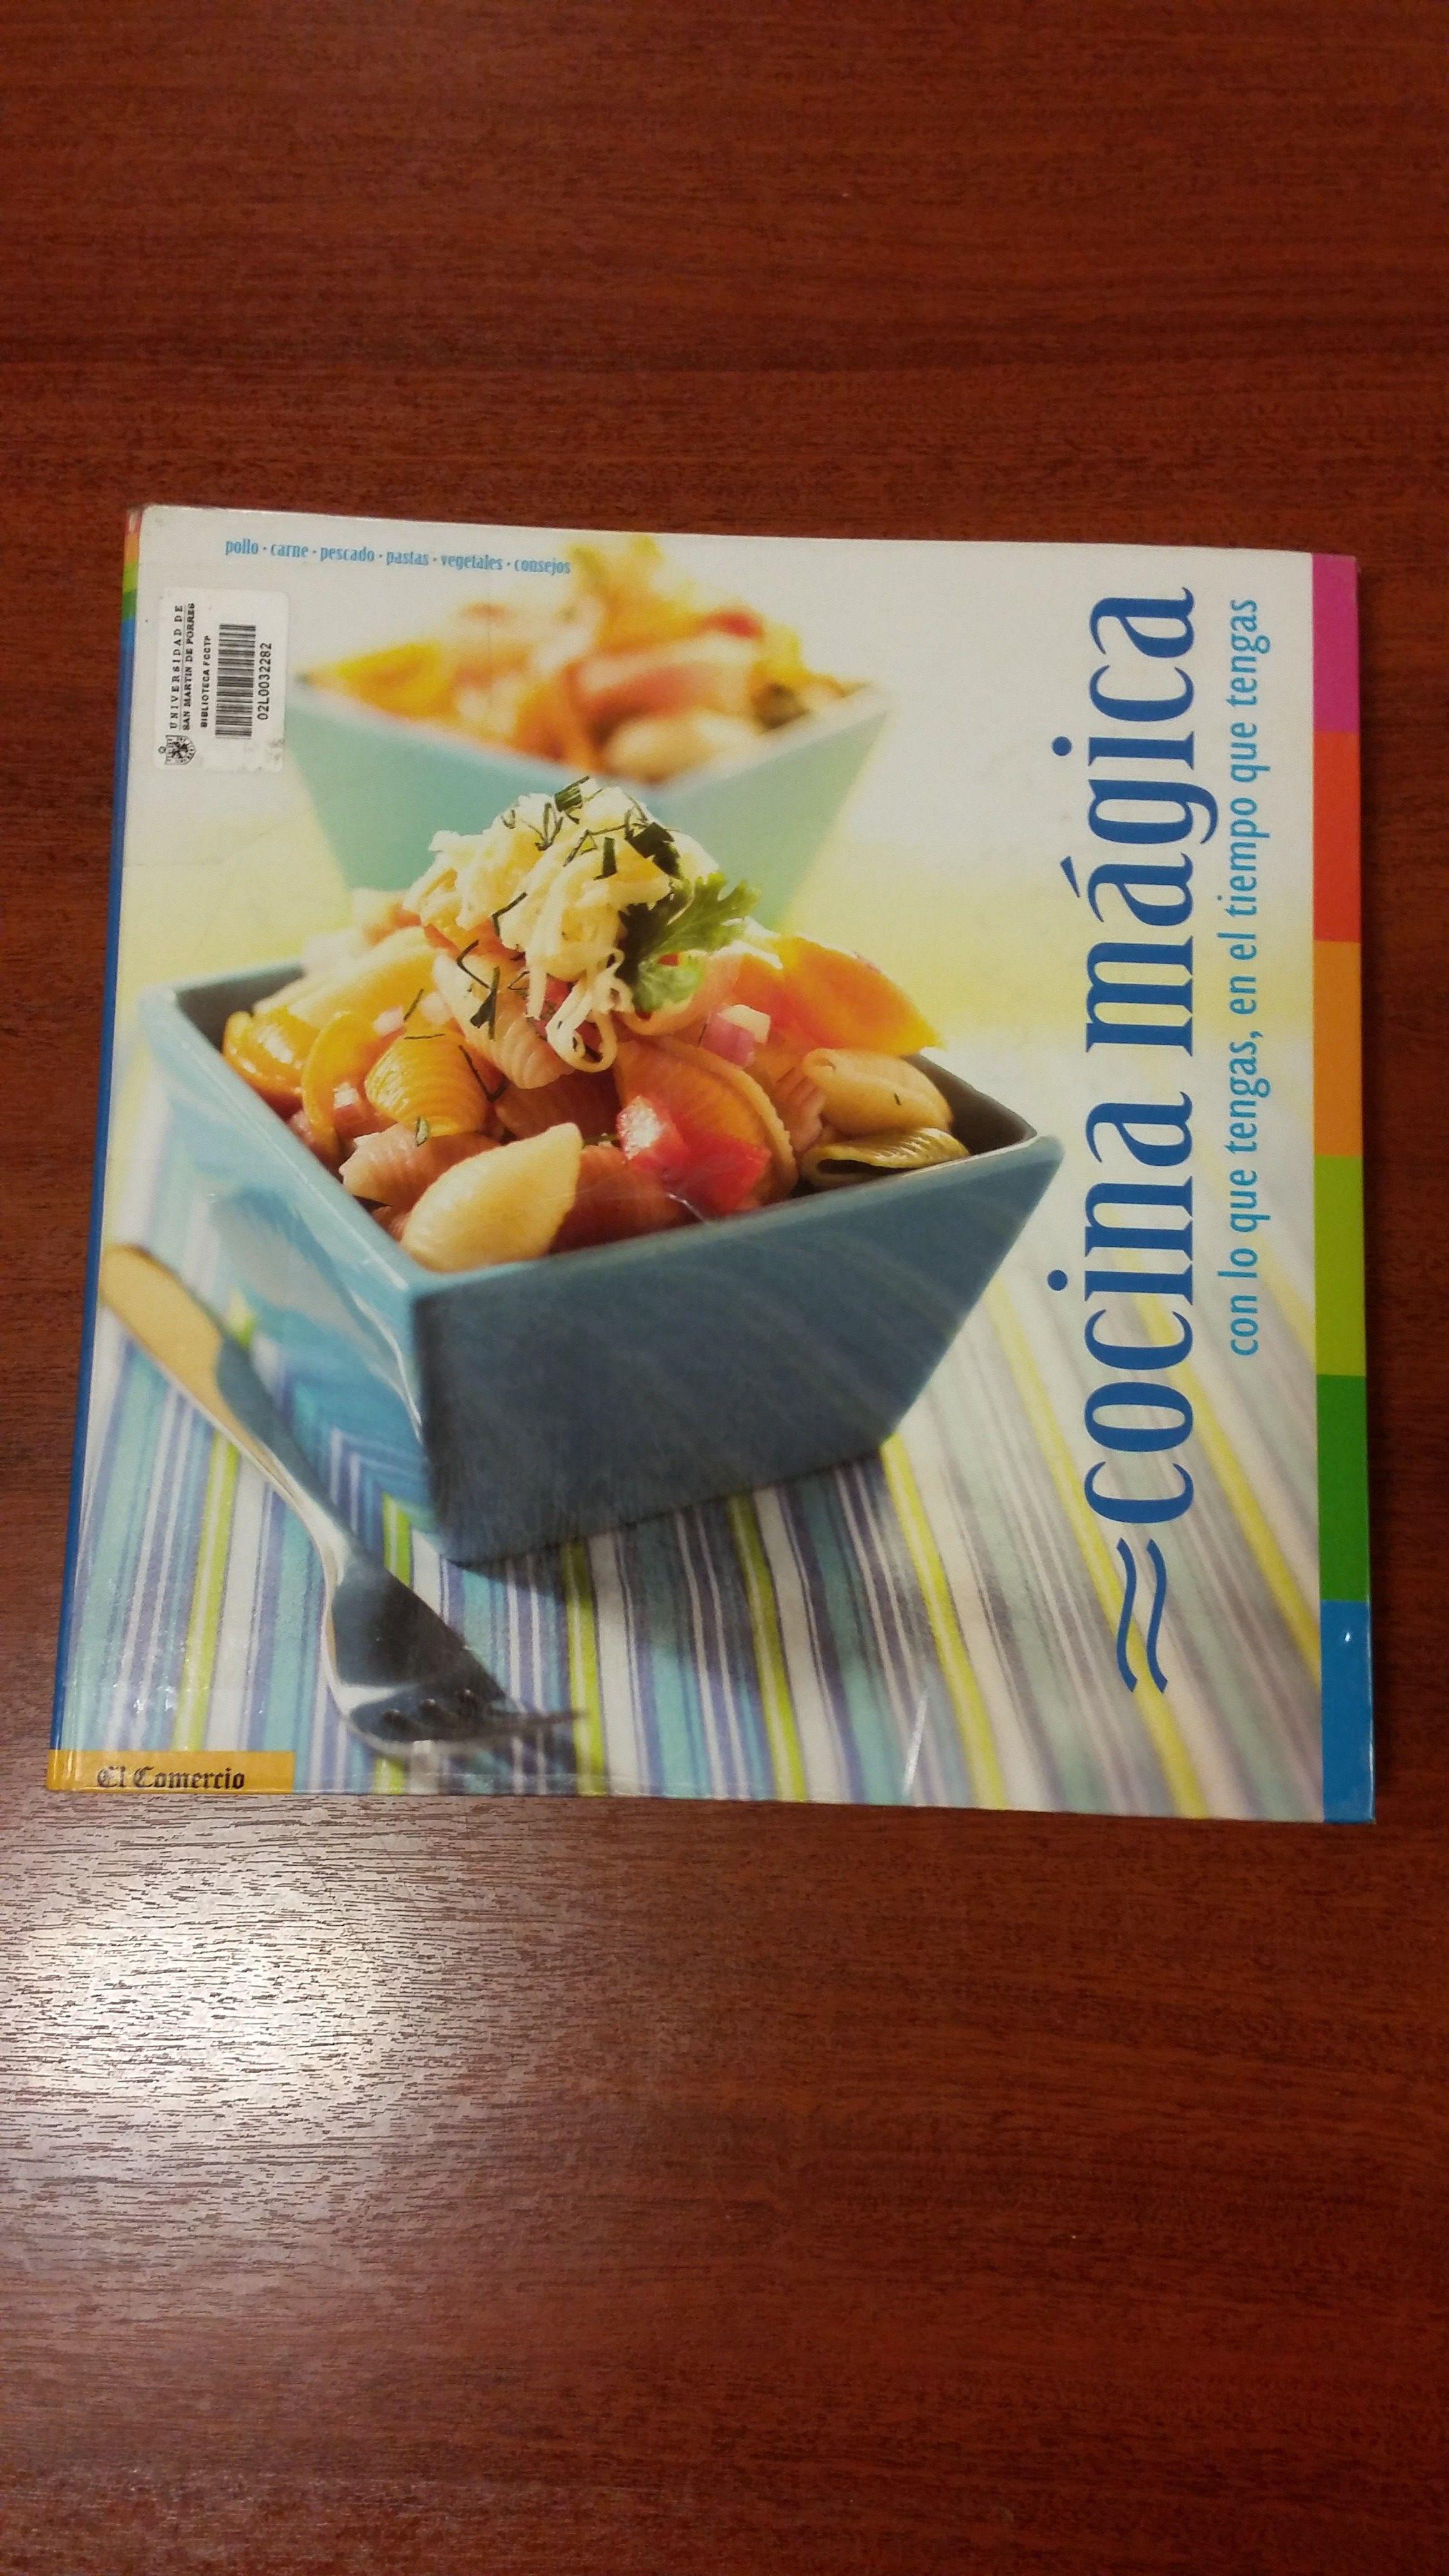 Título: Cocina mágica, con lo que tengas, en el tiempo que tengas  / Ubicación: FCCTP – Gastronomía – Tercer piso / Código: G 641.5 C2